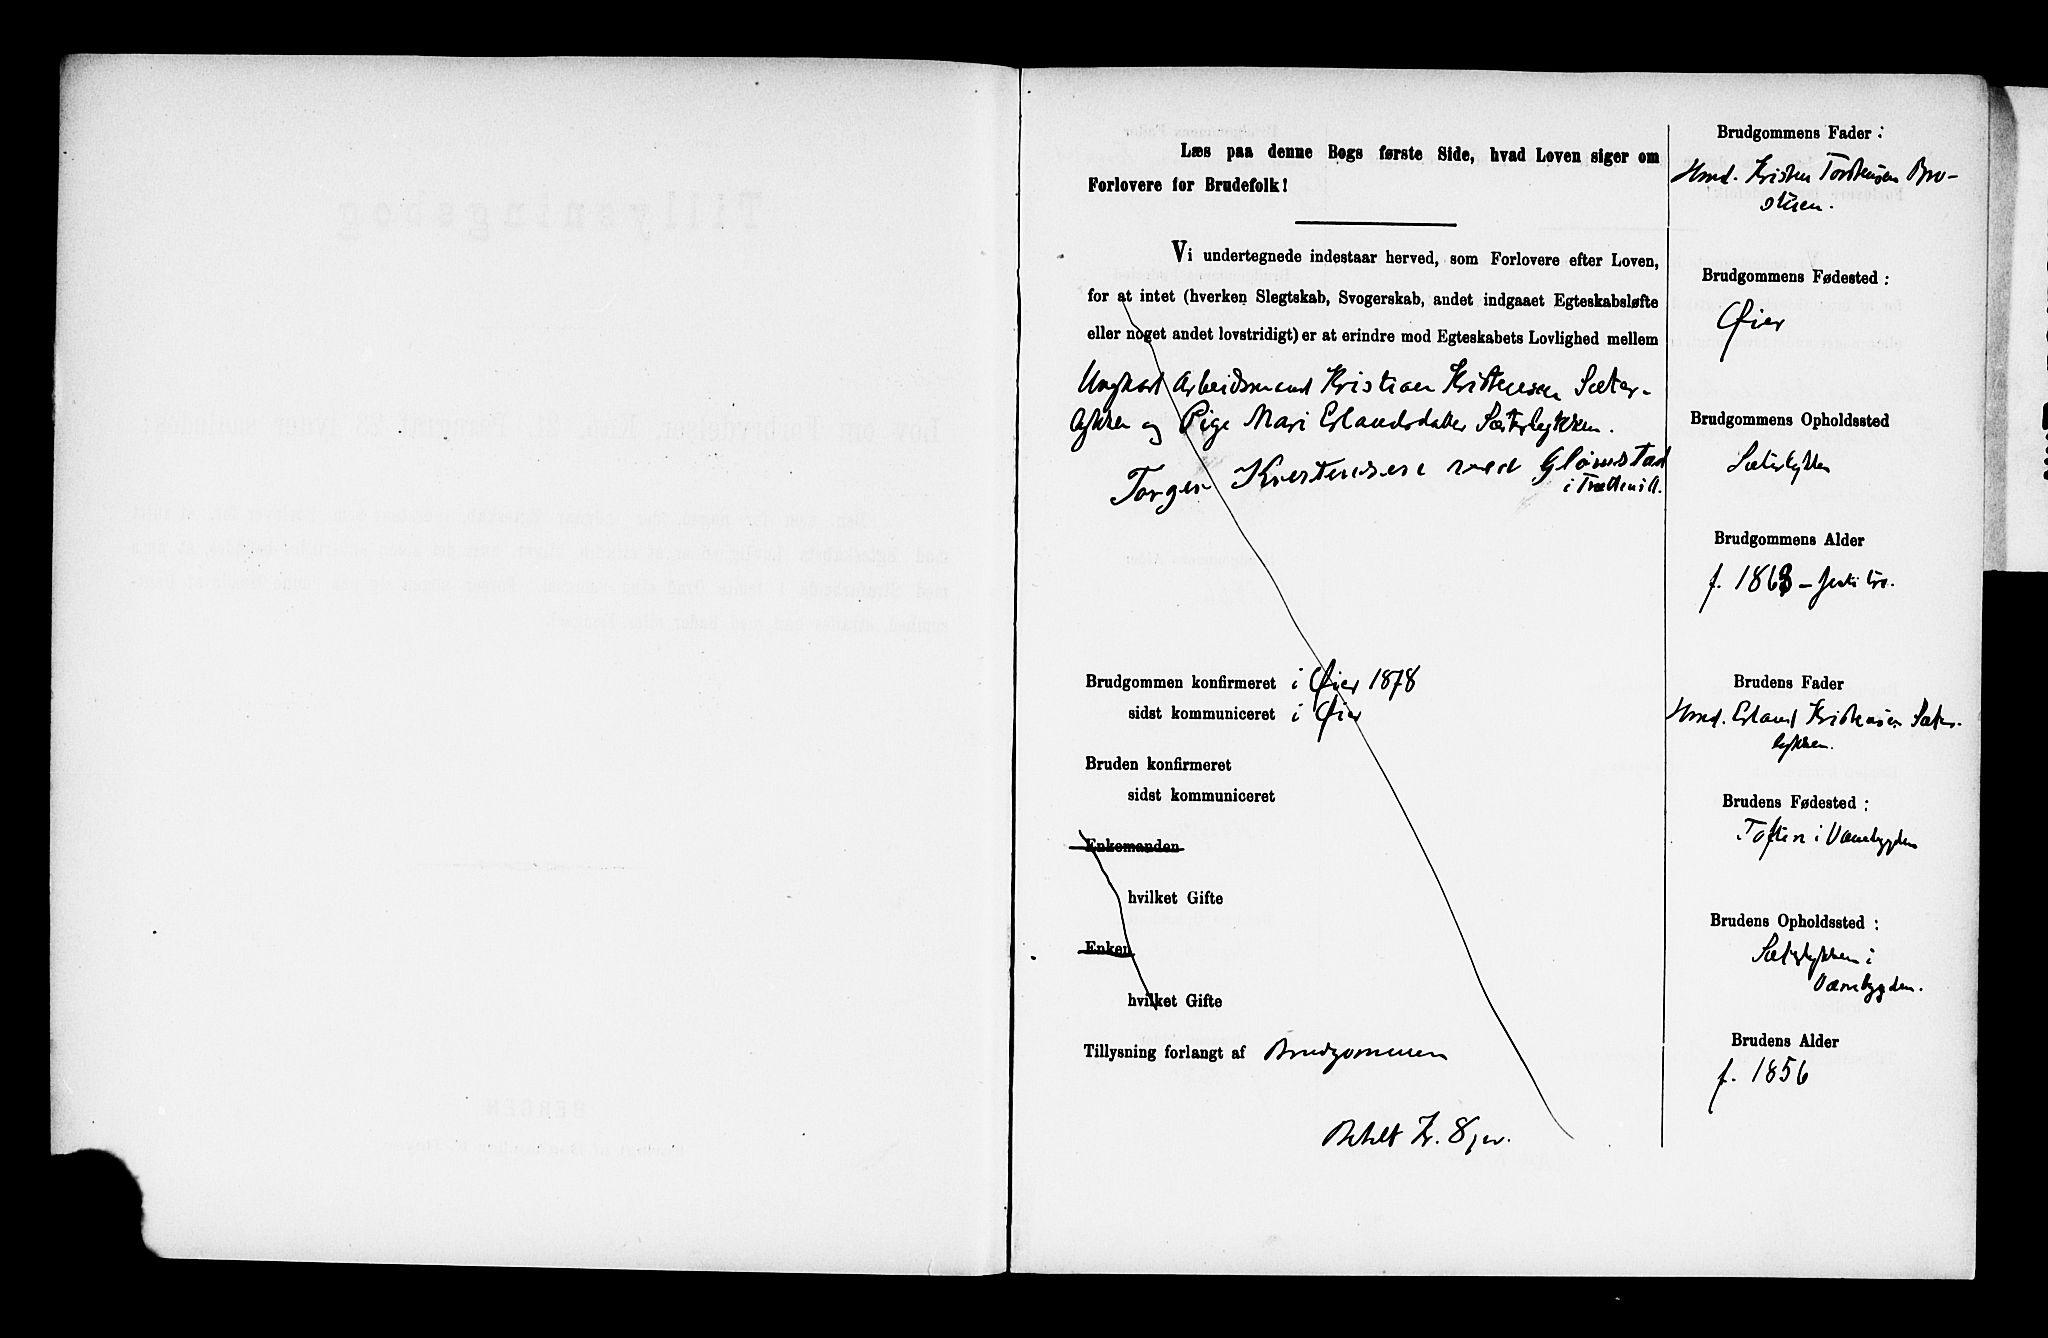 SAH, Ringebu prestekontor, Lysningsprotokoll nr. 2, 1886-1894